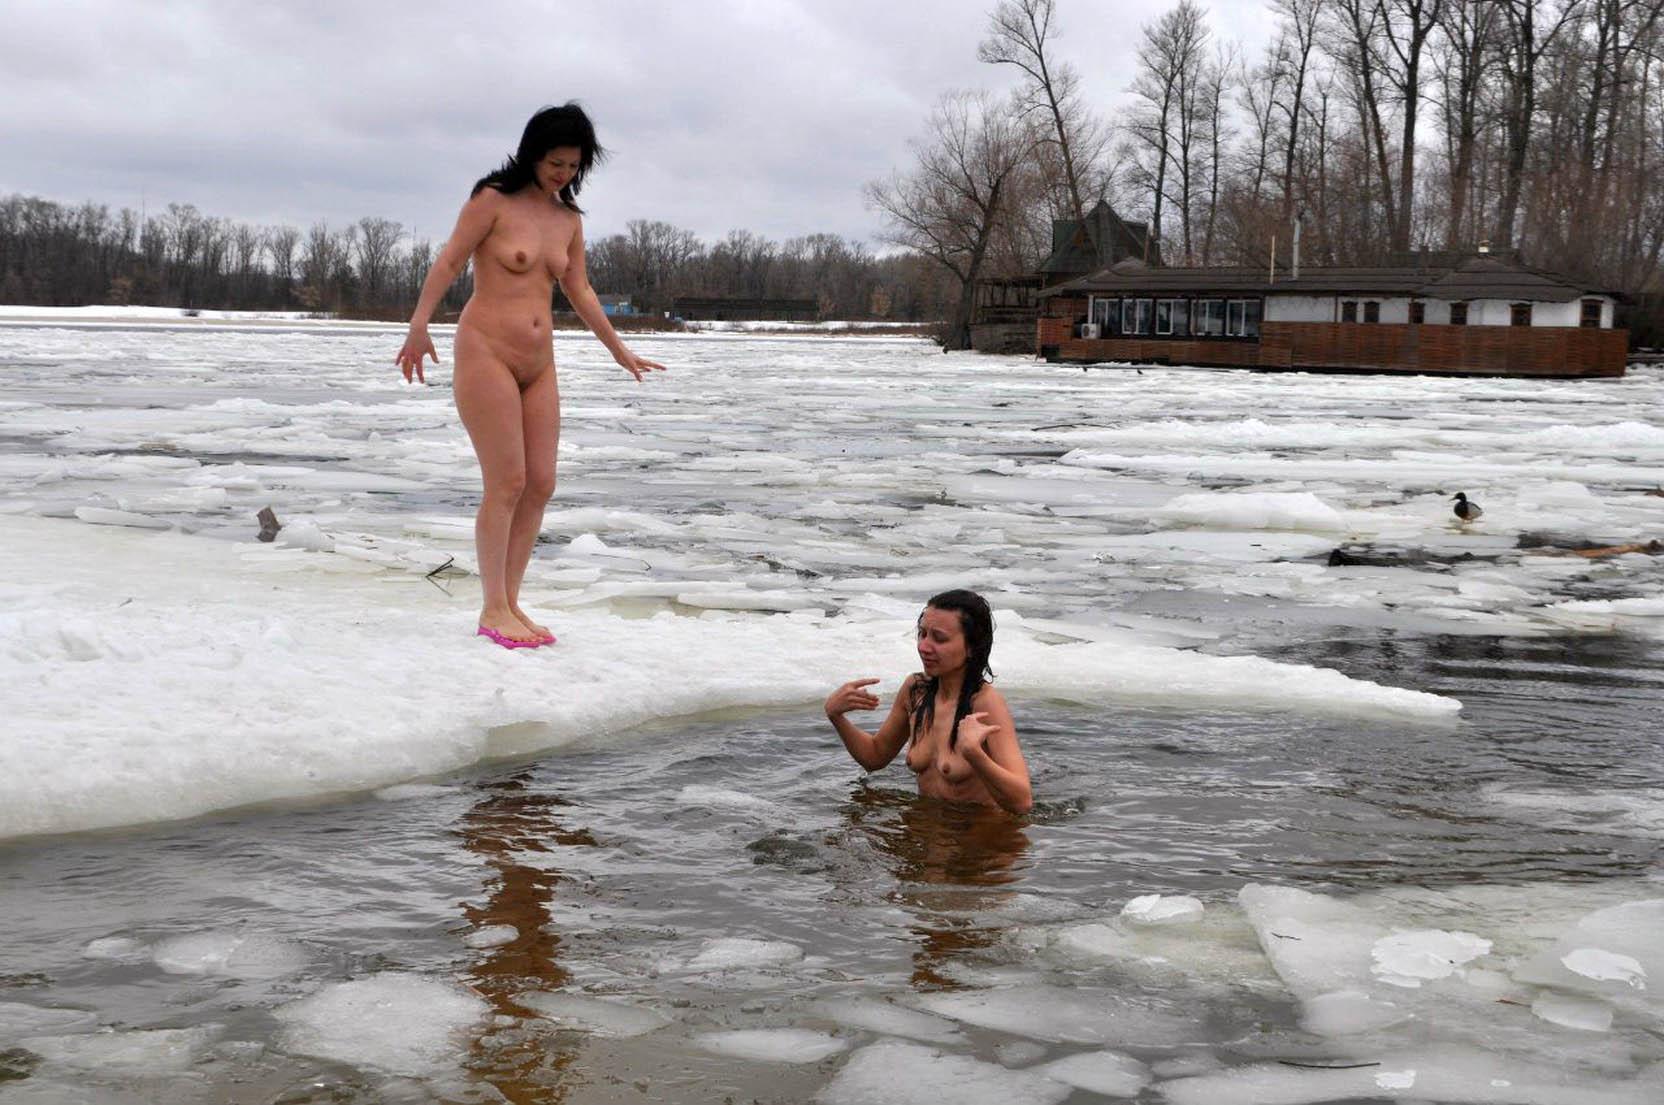 Фото купаемся голышом - Для самых заядлых поклонников секса